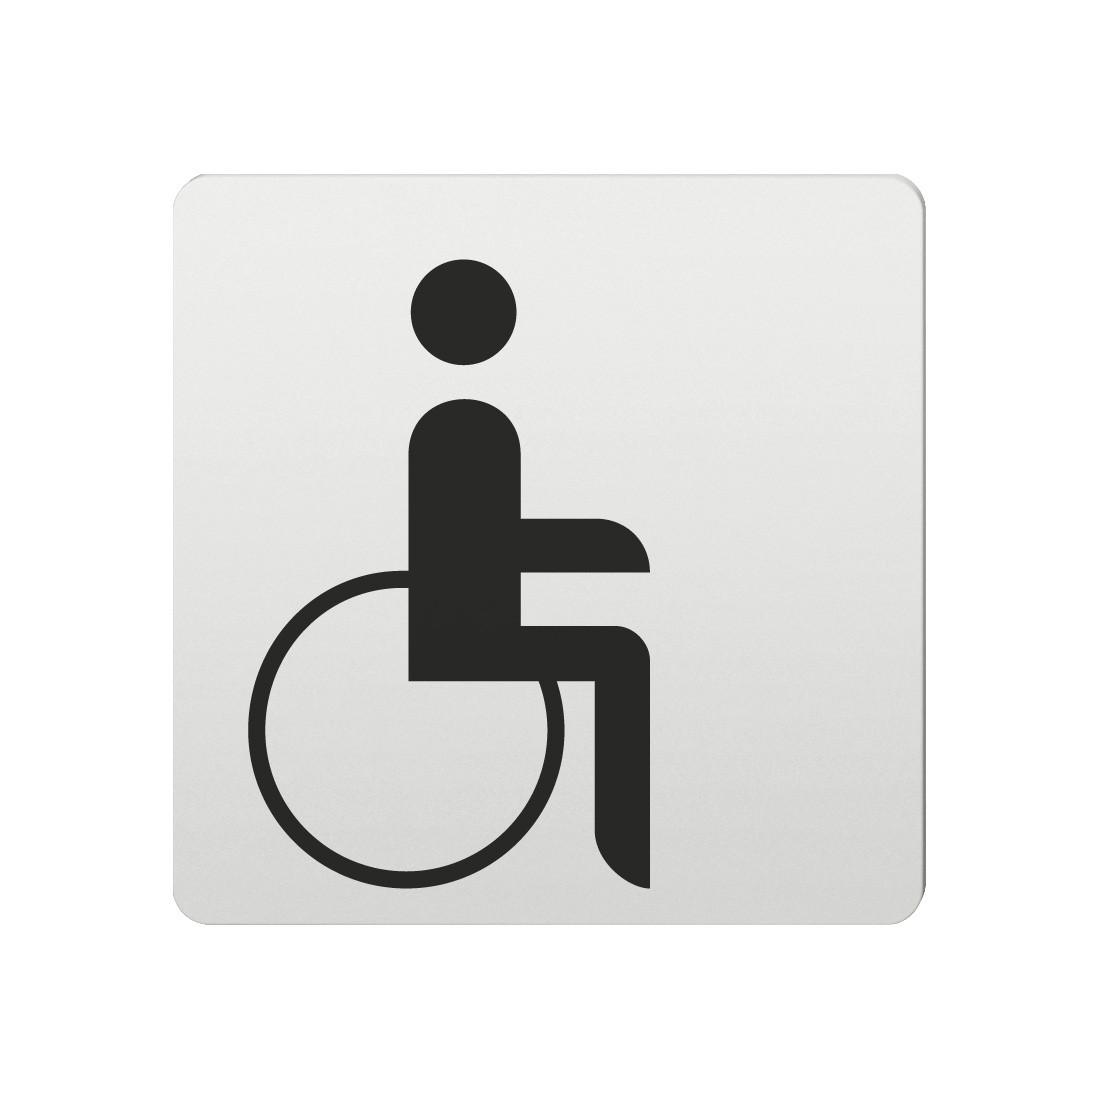 FSB Hinweiszeichen Menschen mit Handicap Lasergraviert Aluminium naturfarbig (0 36 4059 00103 0105)